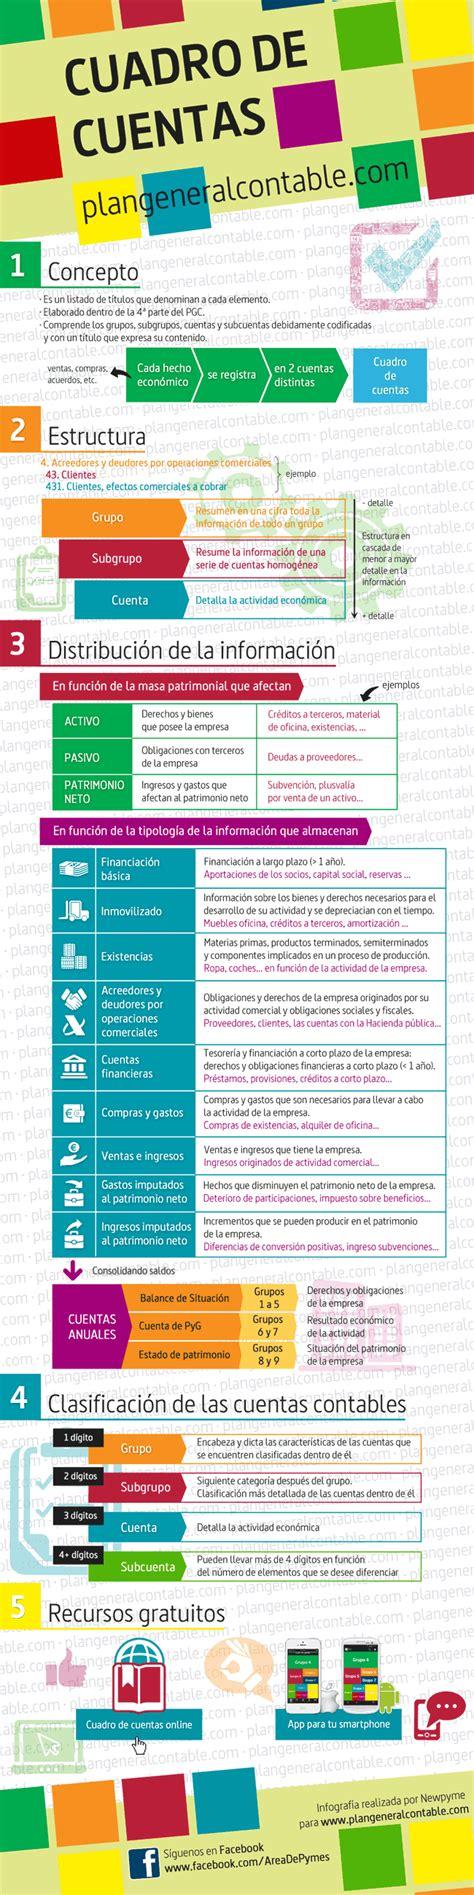 plan general contable cuadro de cuentas cuadro de cuentas del plan general contable infografia